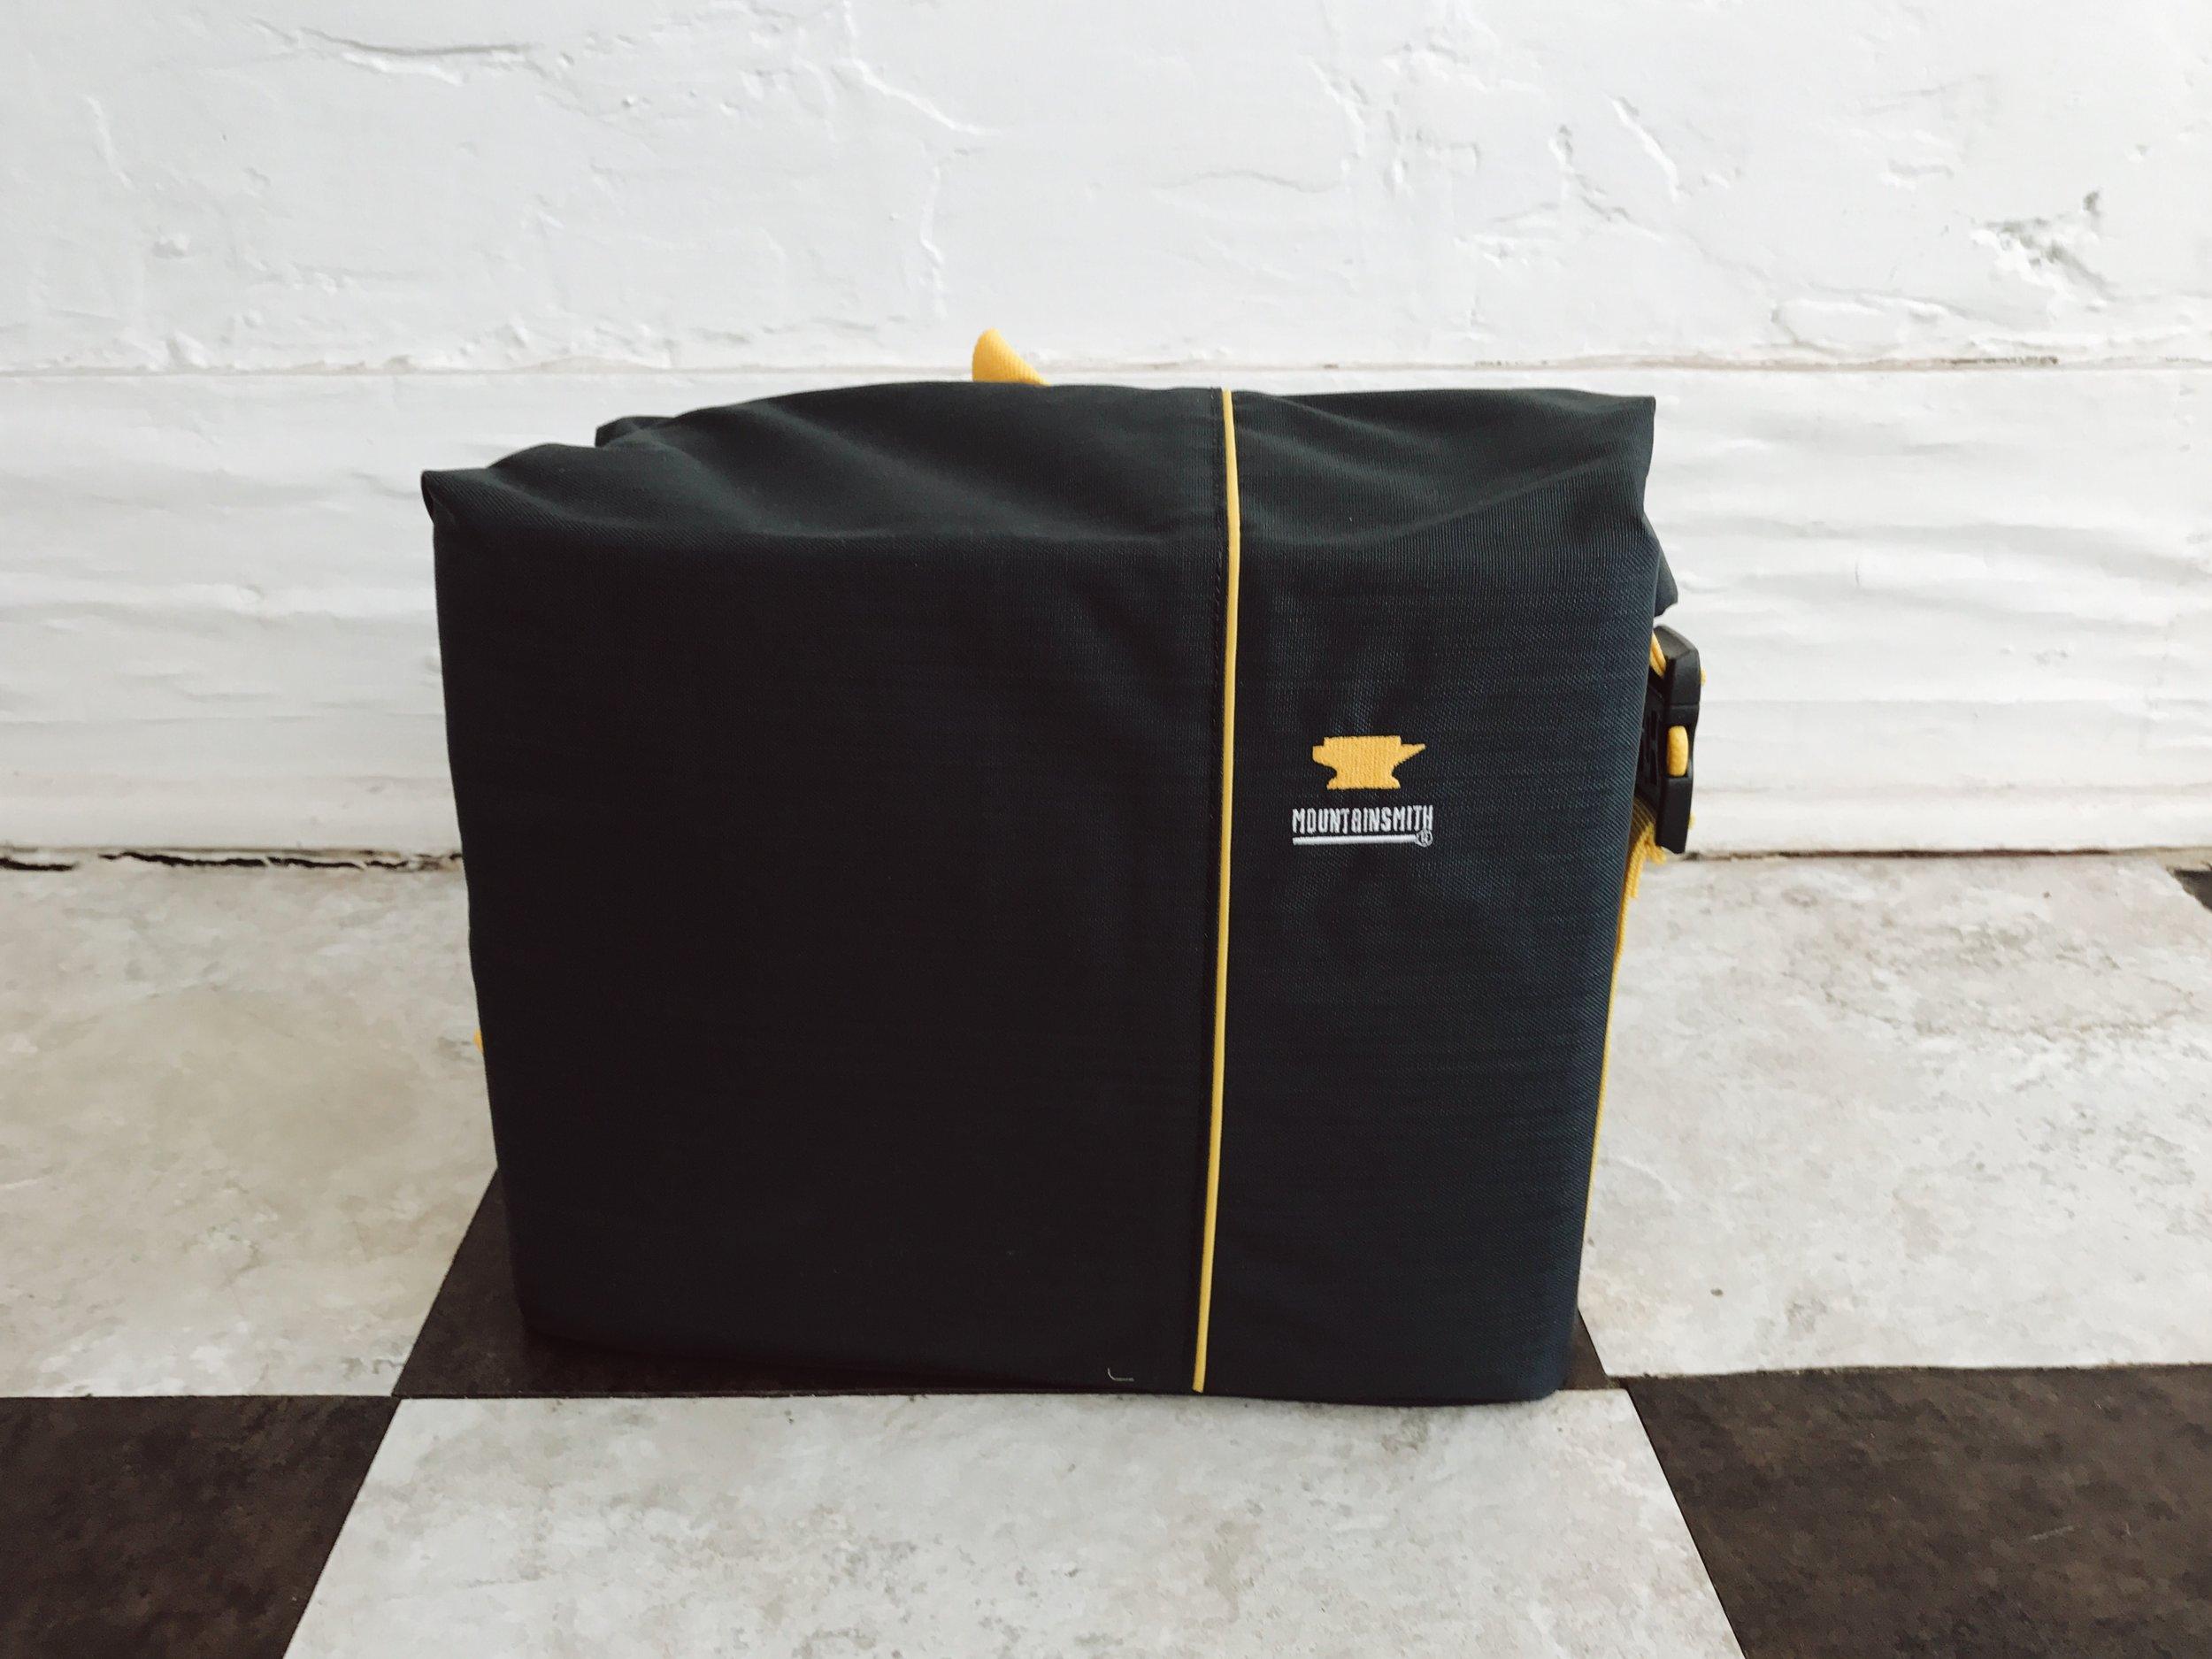 Mountainsmith Cube Kit